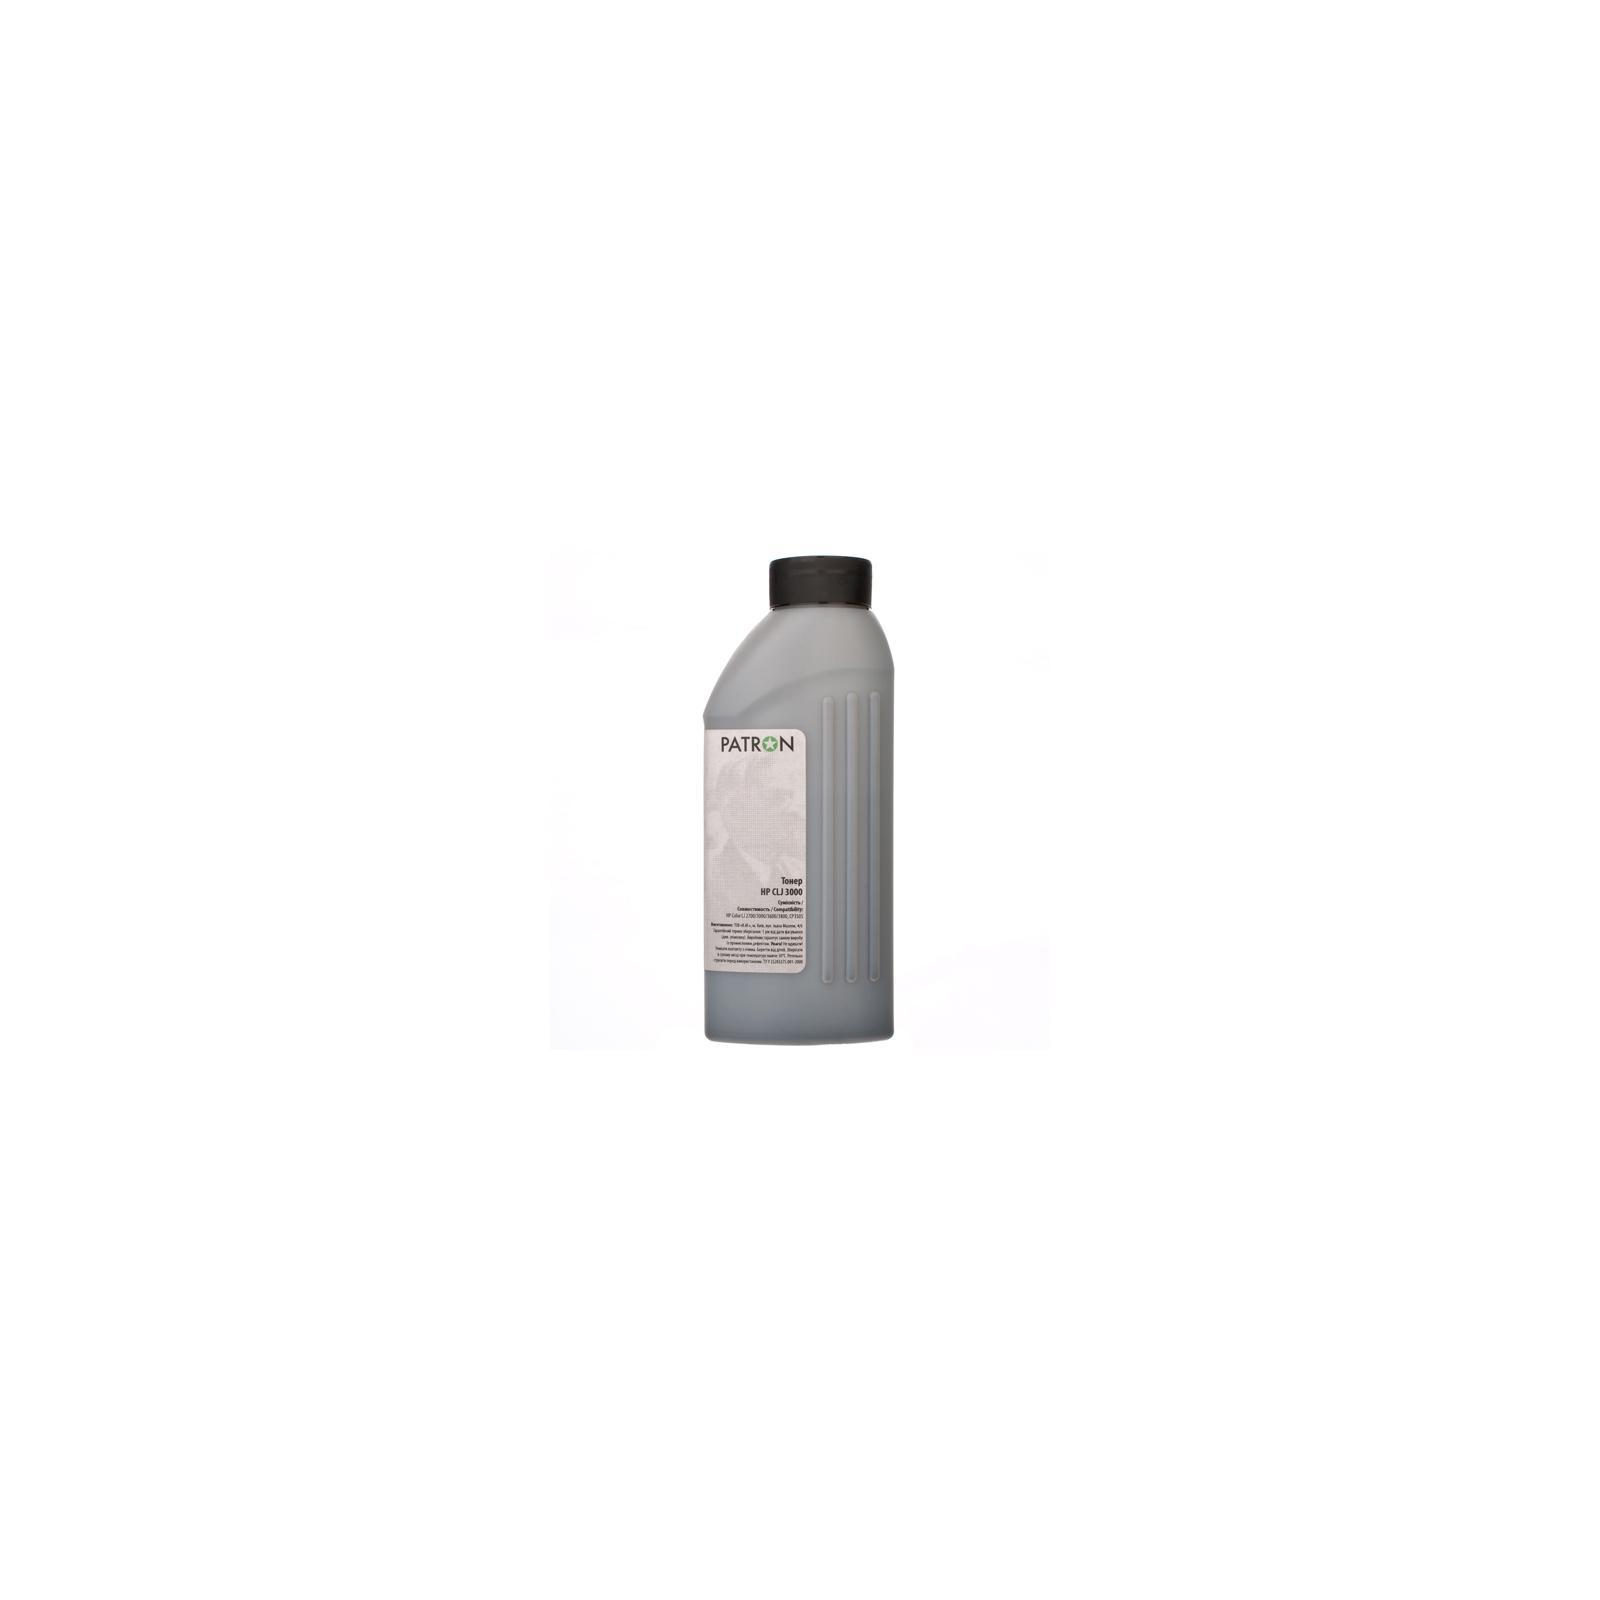 Тонер PATRON HP CLJ 3000 BLACK 230г (T-PN-HCLJ3000-B-230) изображение 2